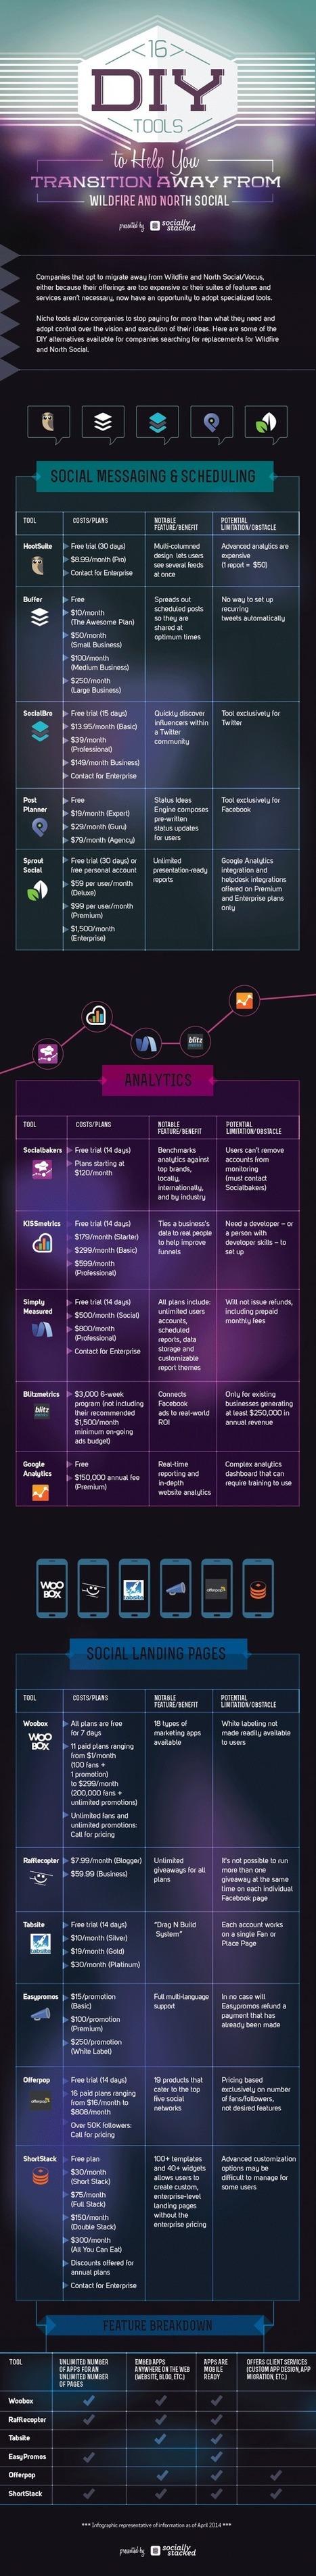 16 outils qui peuvent vous aider à mieux gérer et animer votre présence sur les réseaux sociaux | Bien utiliser les réseaux sociaux avec Com j'aime | Scoop.it